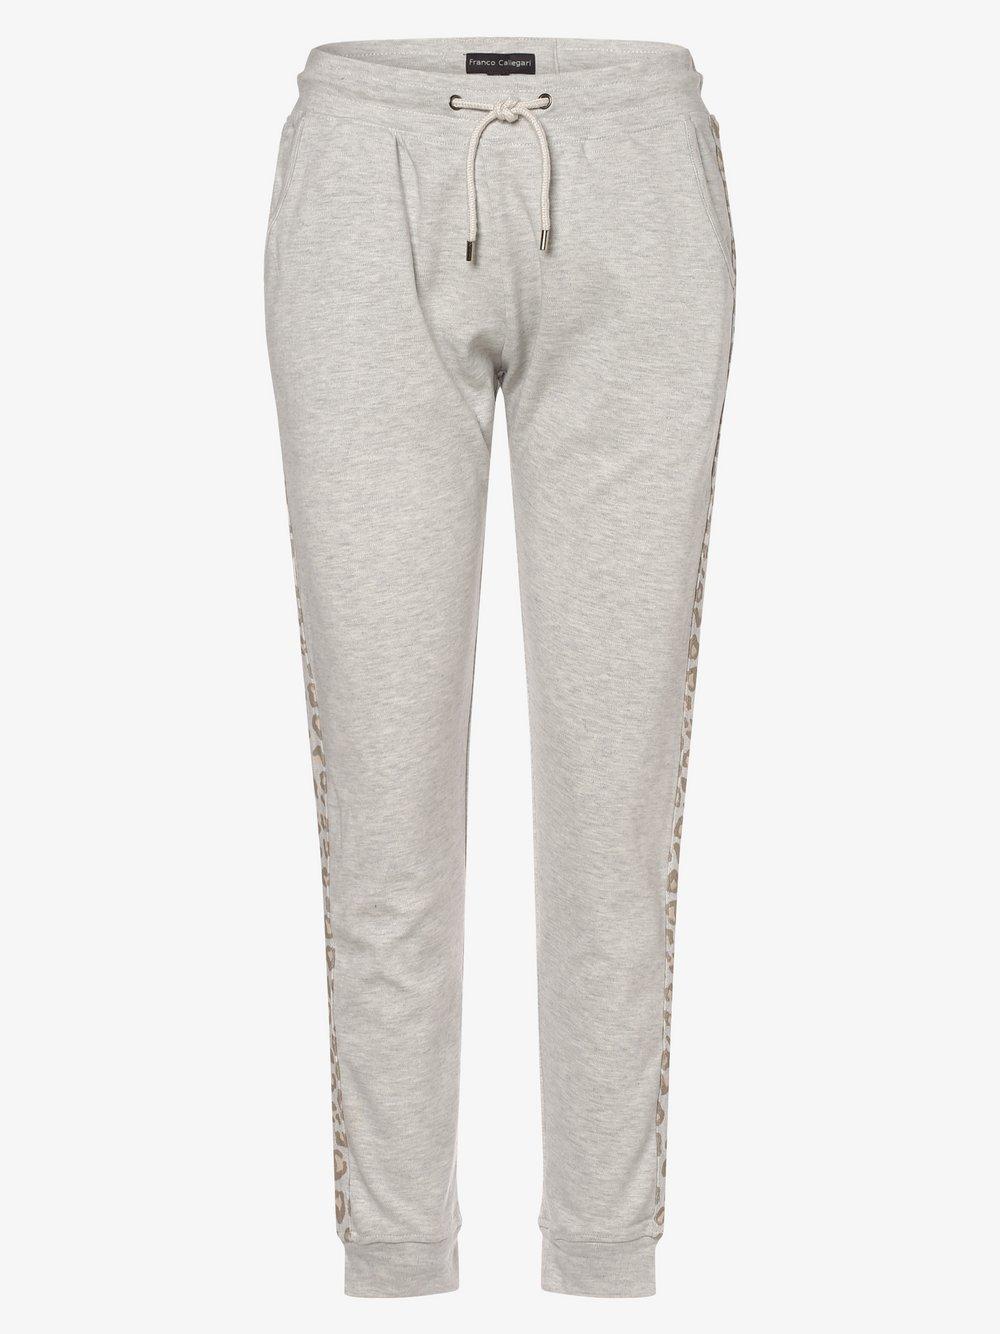 Franco Callegari - Damskie spodnie dresowe, szary